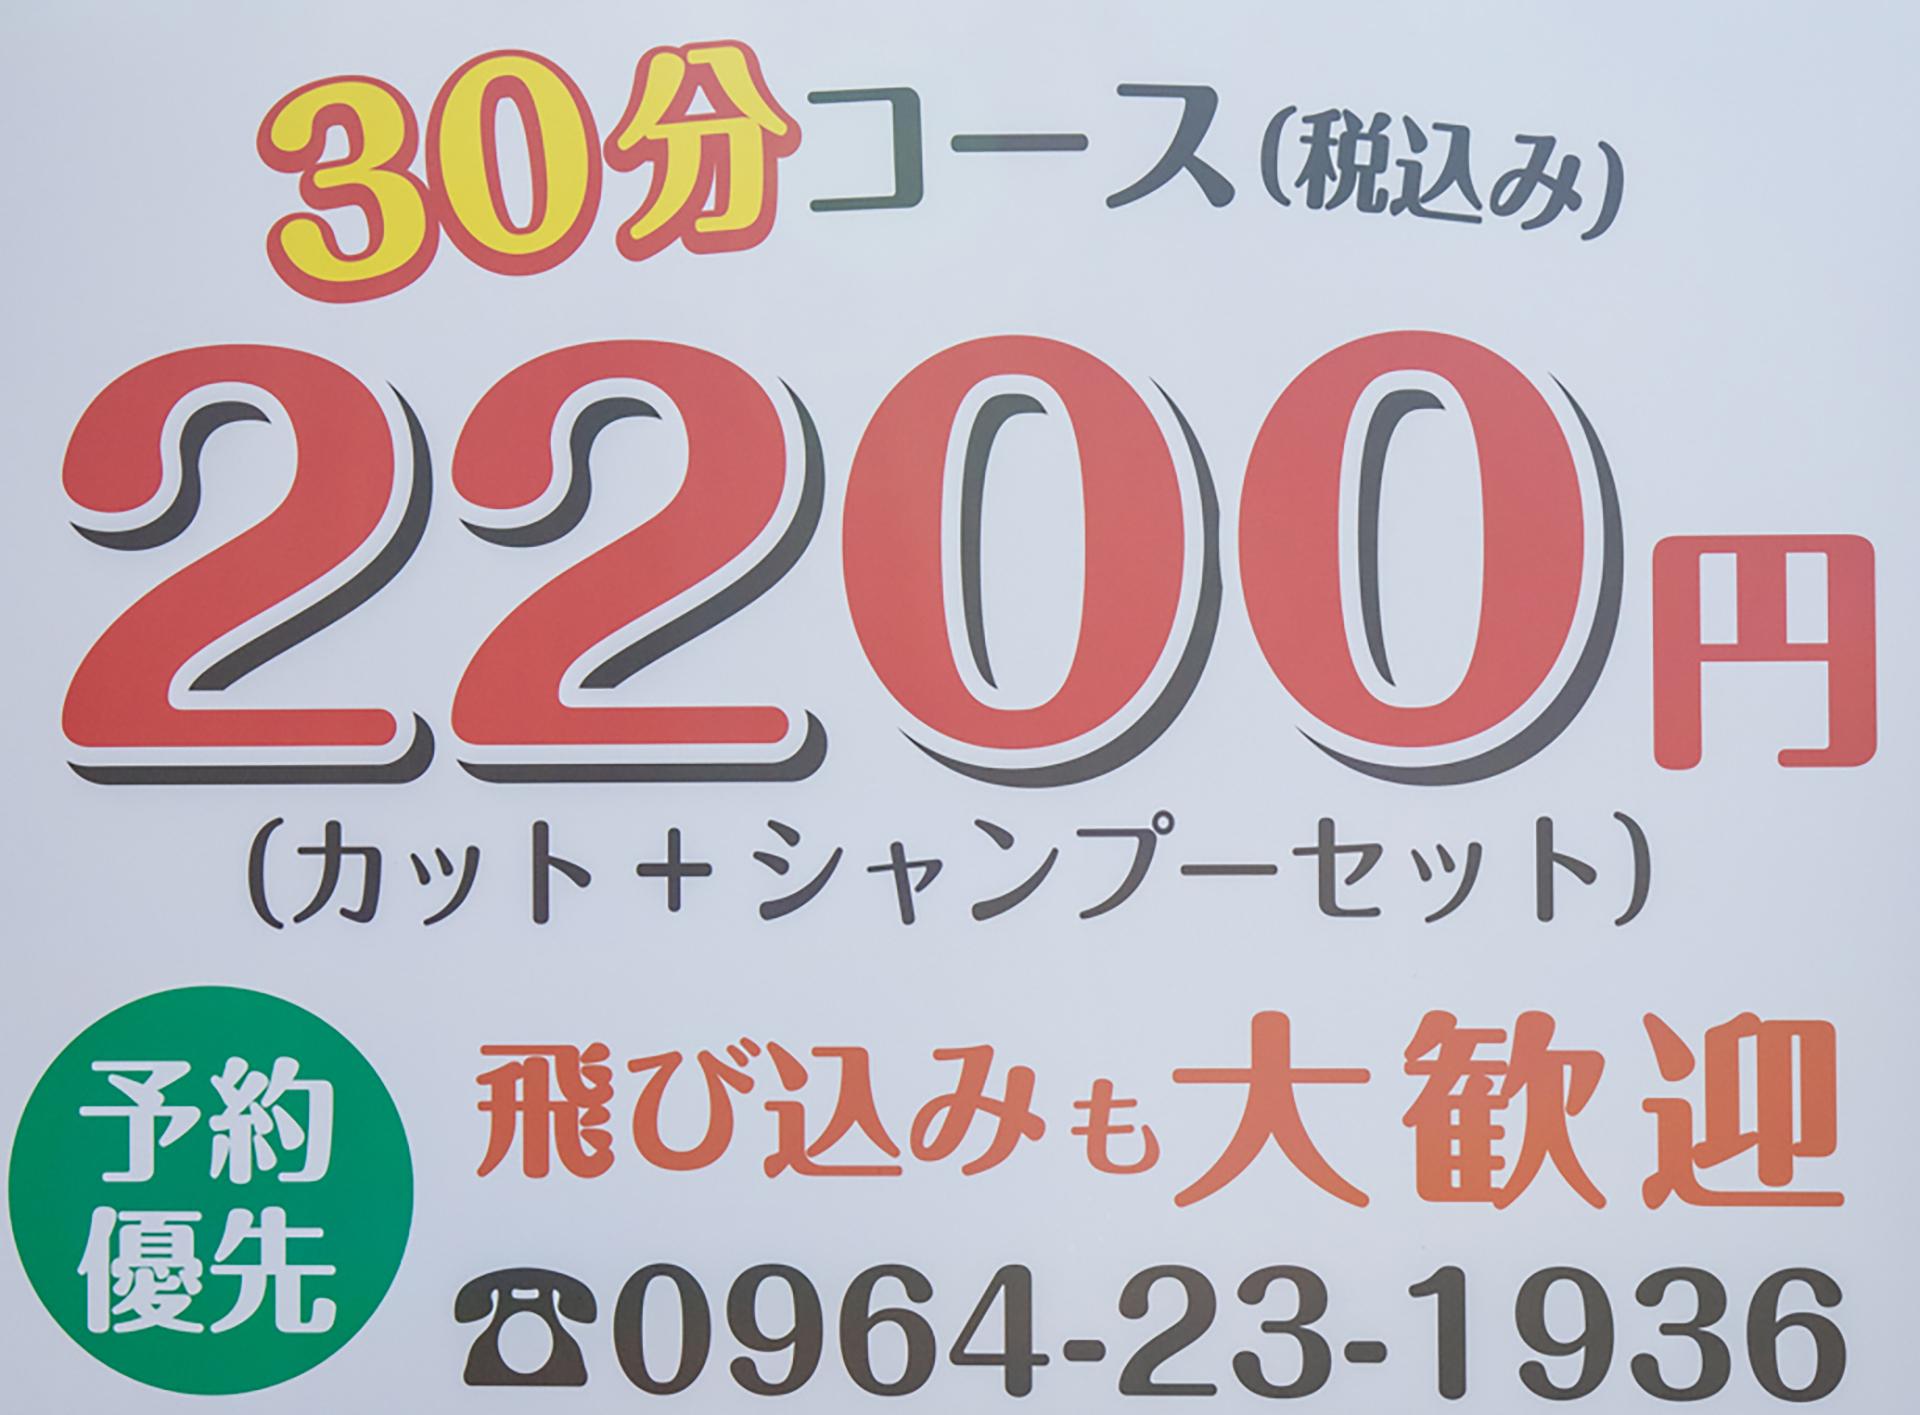 30分コース2,200円!!